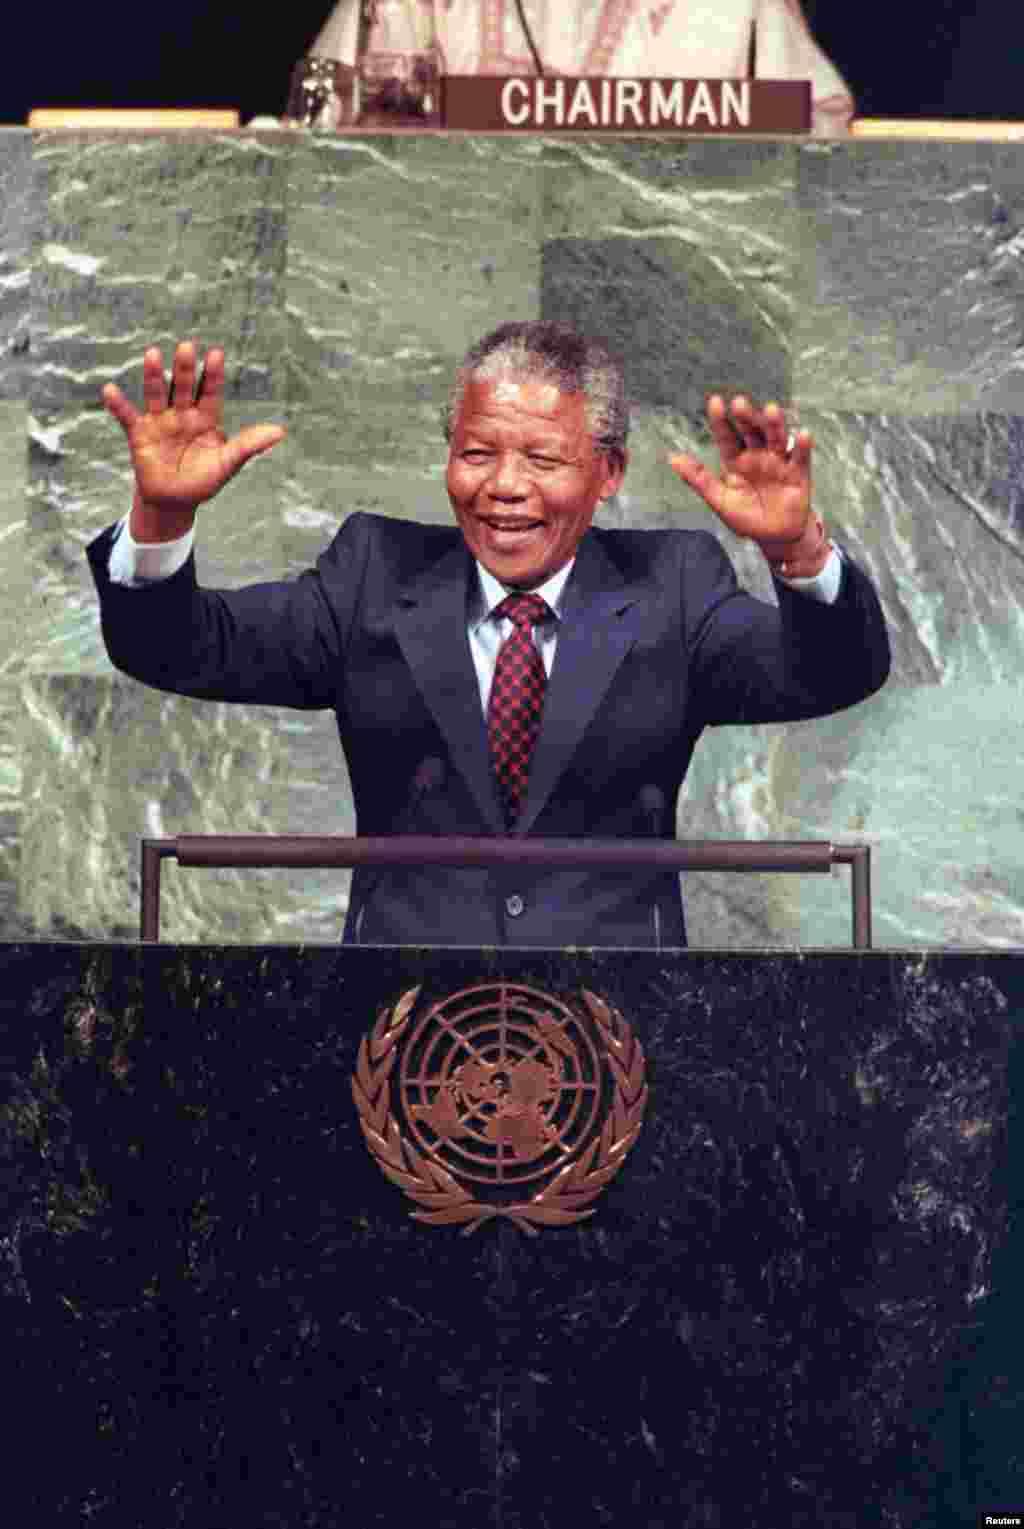 ნელსონ მანდელა 1990 წლის ივნისში, გაეროს გენერალურ ასამბლეაზე გამოსვლისას.